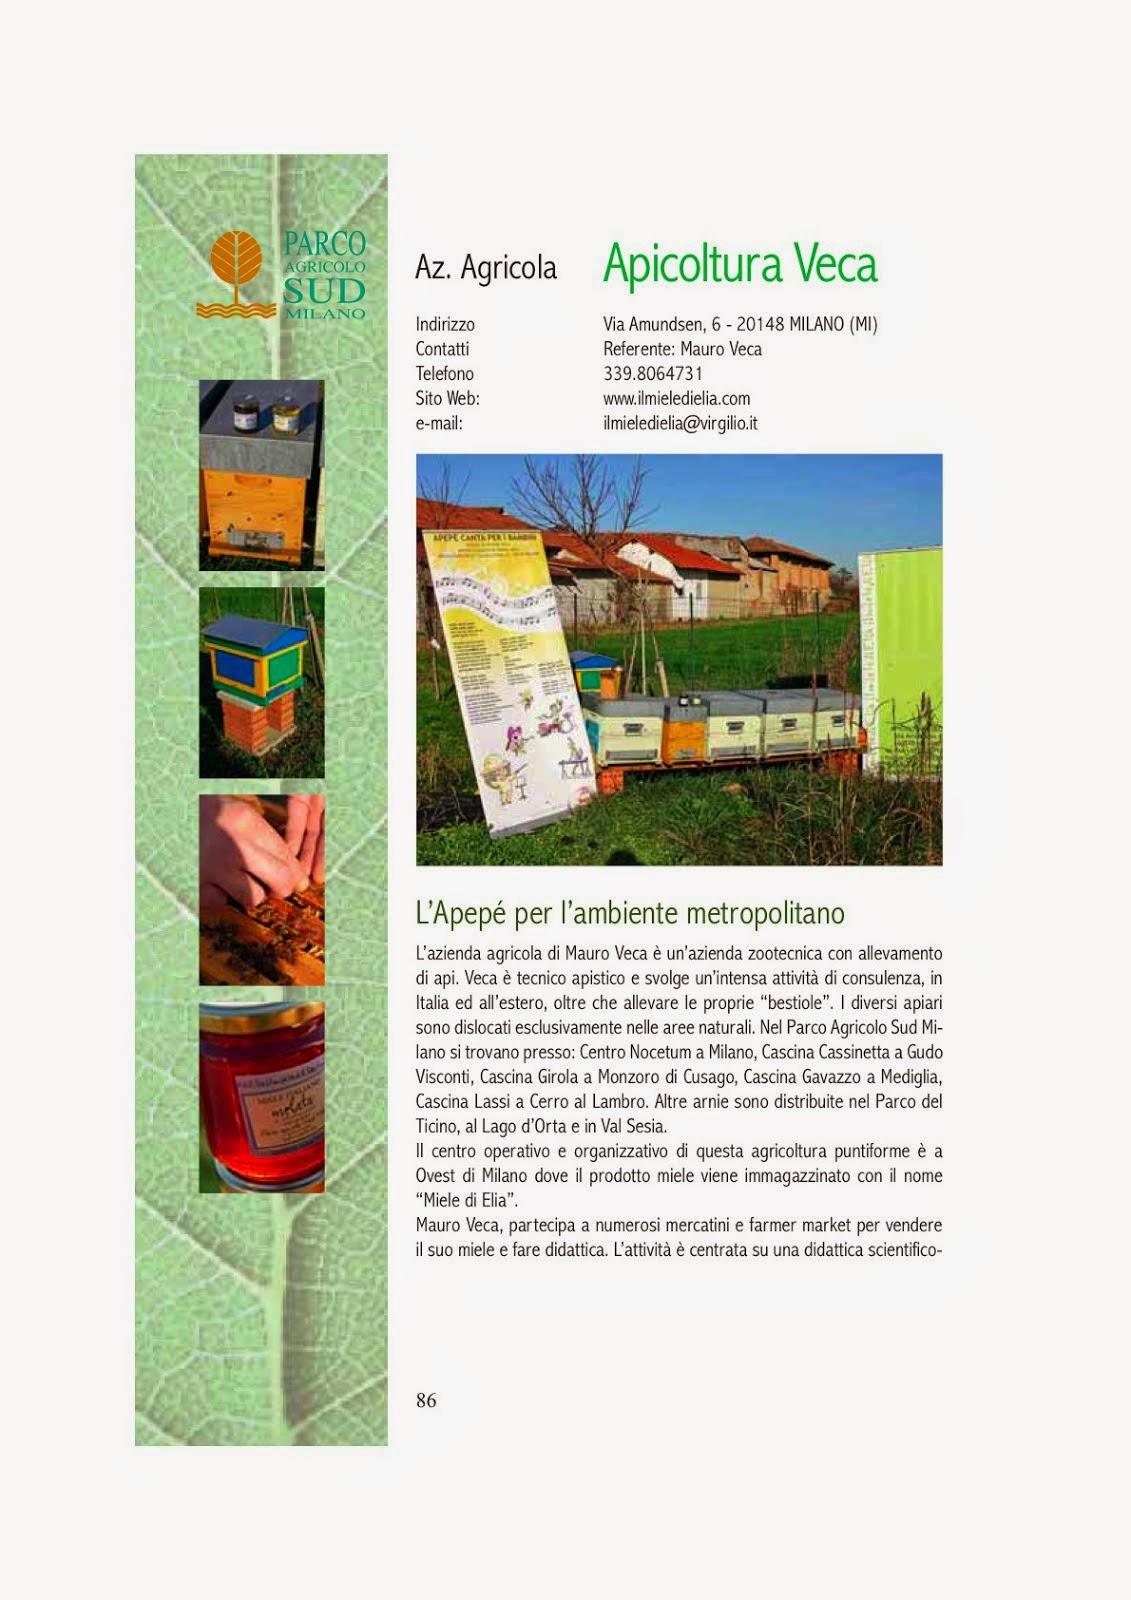 APICULTURA VECA